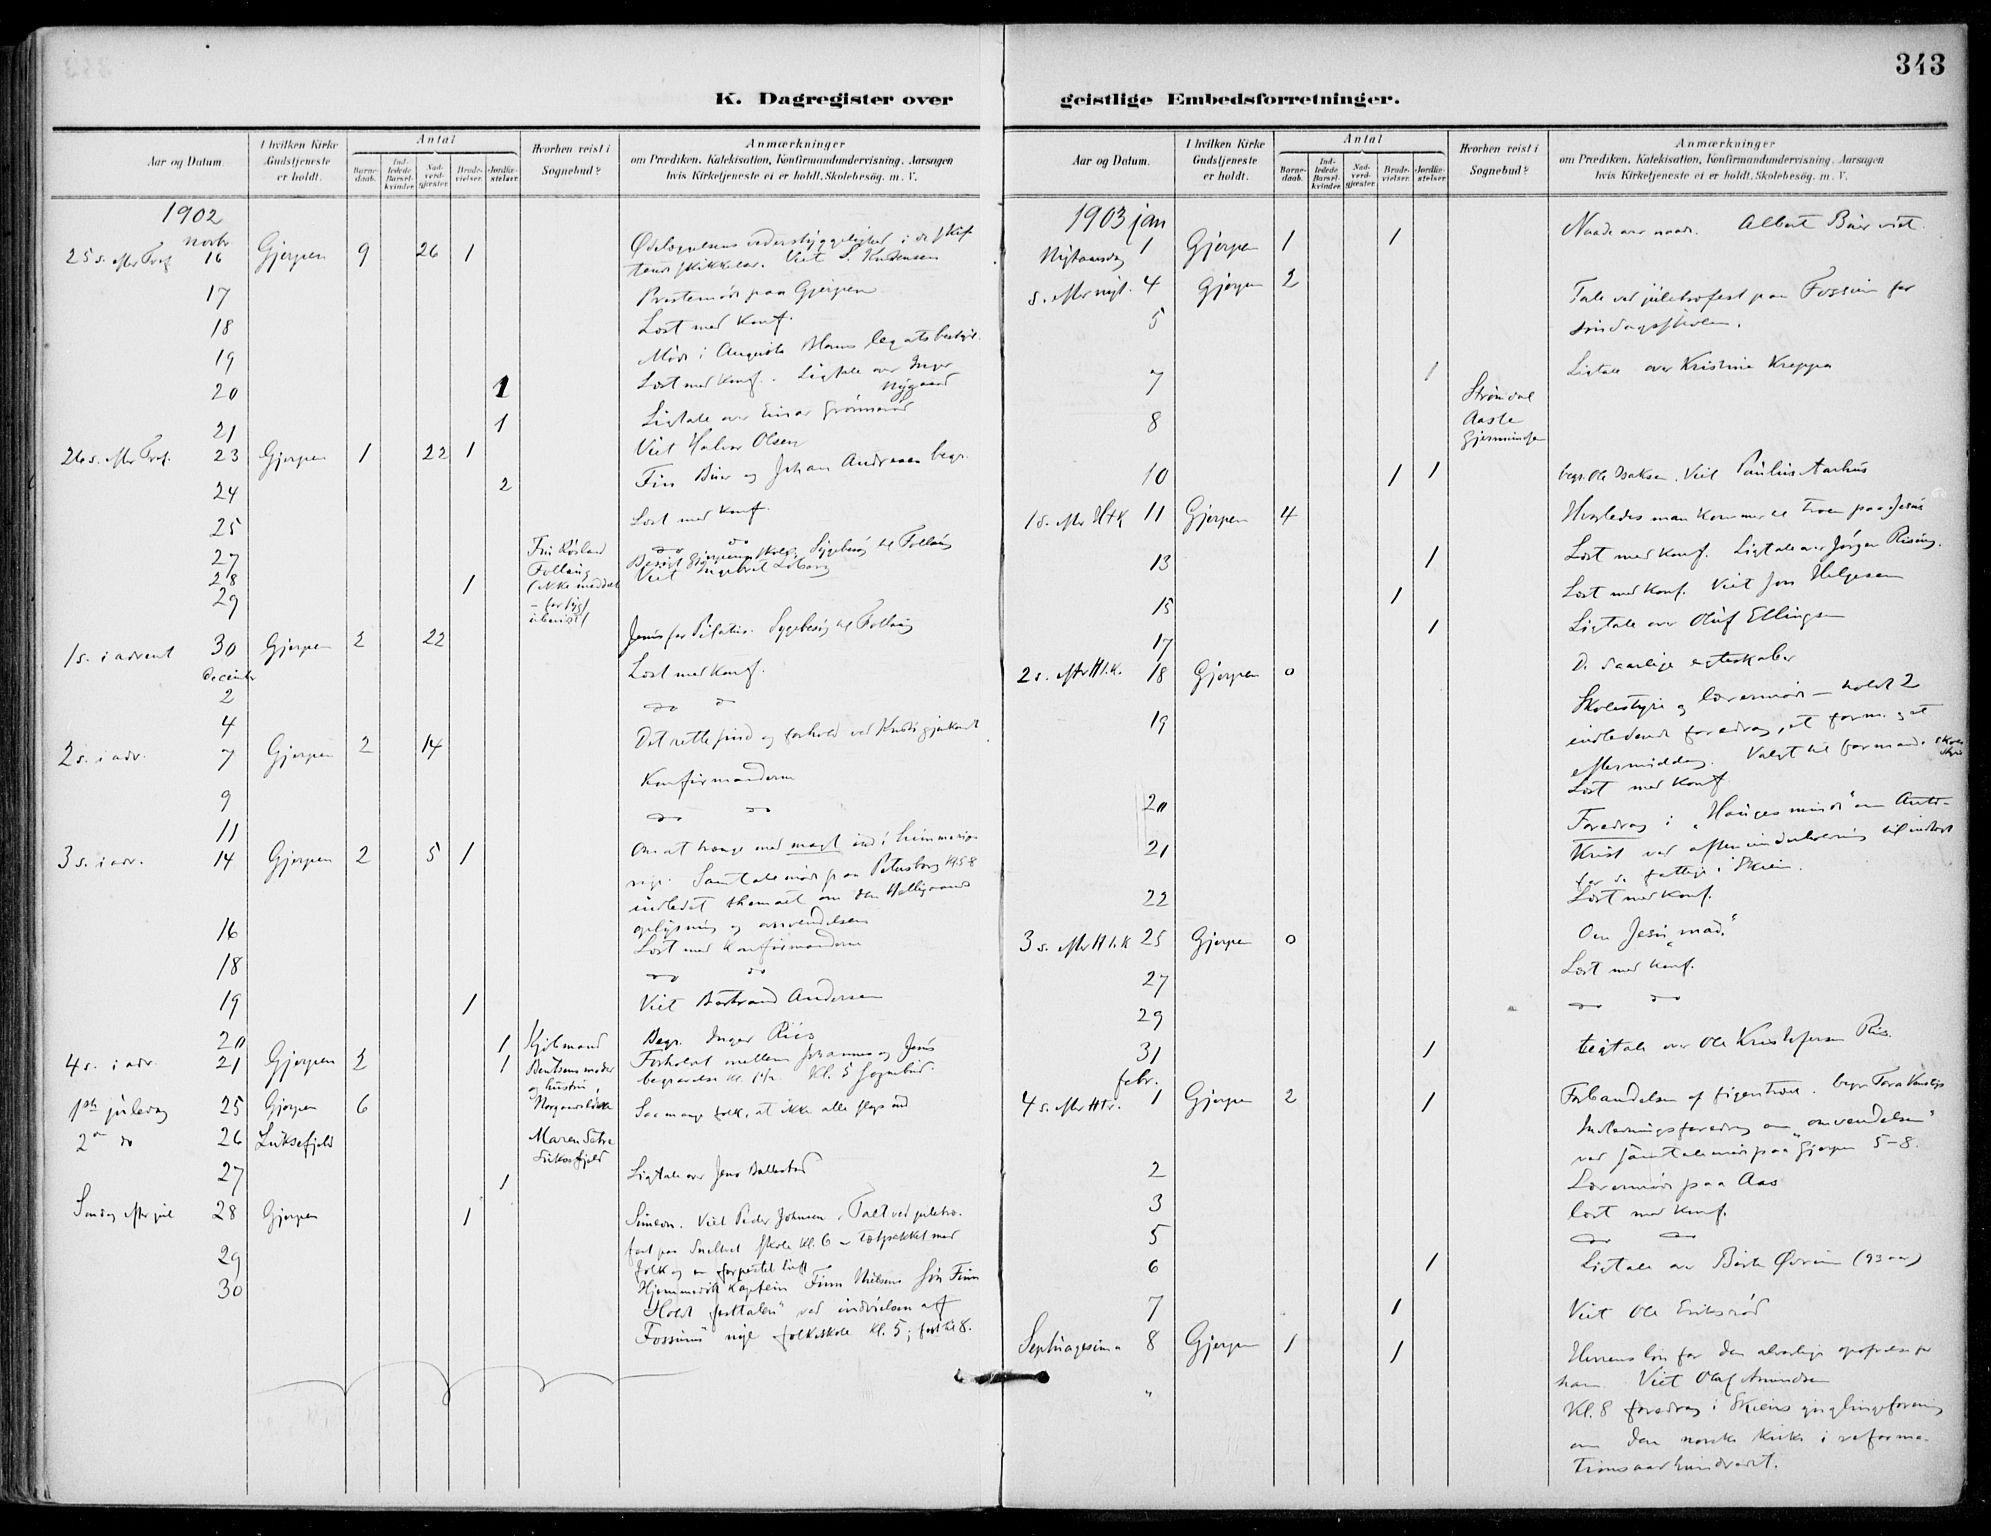 SAKO, Gjerpen kirkebøker, F/Fa/L0011: Ministerialbok nr. 11, 1896-1904, s. 343